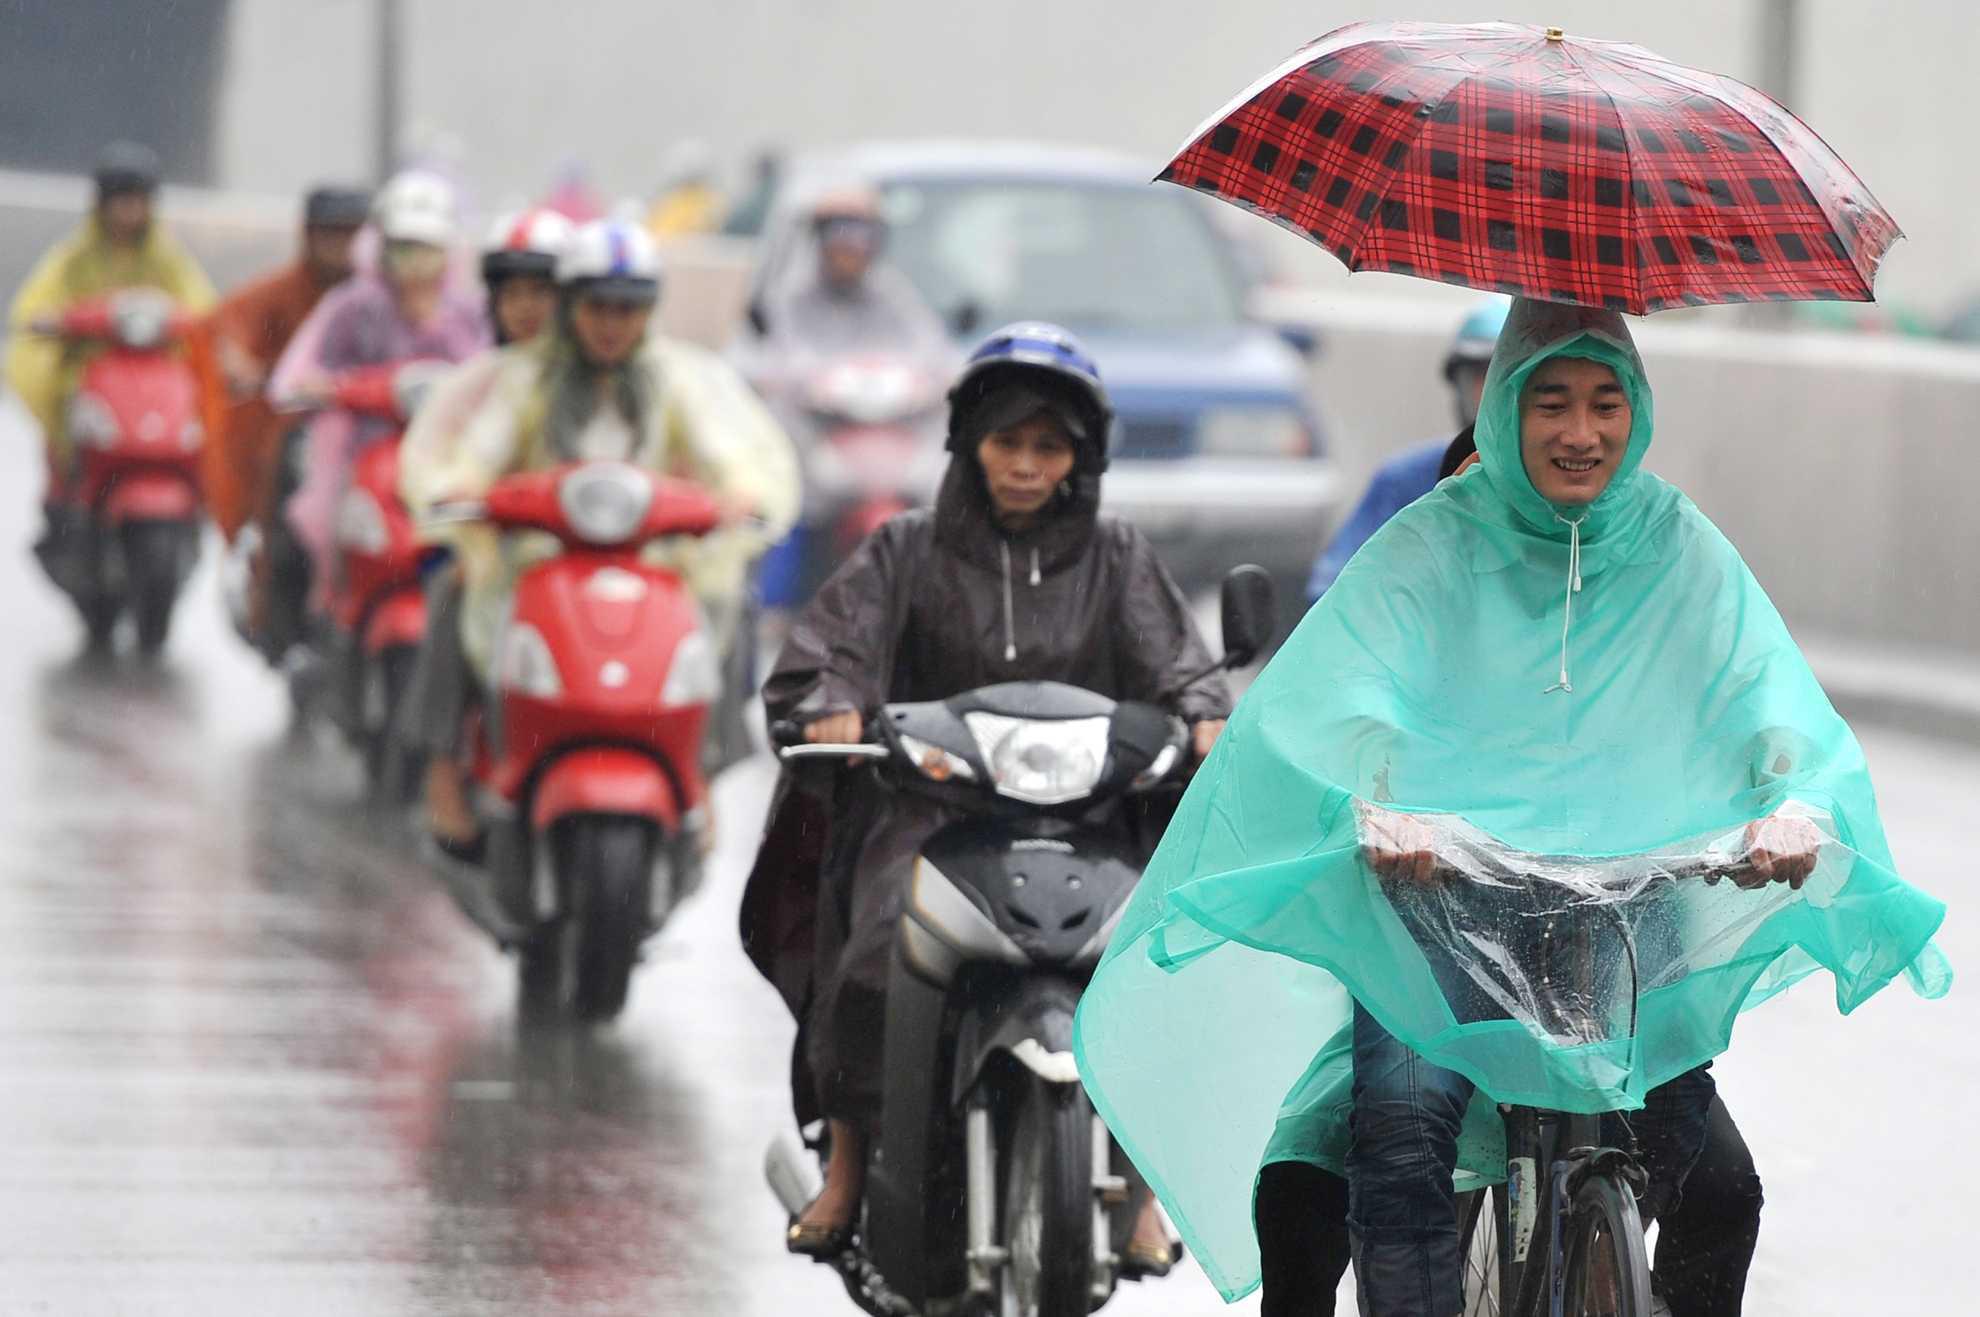 Sau nhiều ngày có nắng, miền Bắc lại chuẩn bị đón không khí lạnh mạnh và mưa vào cuối tuần - Ảnh 1